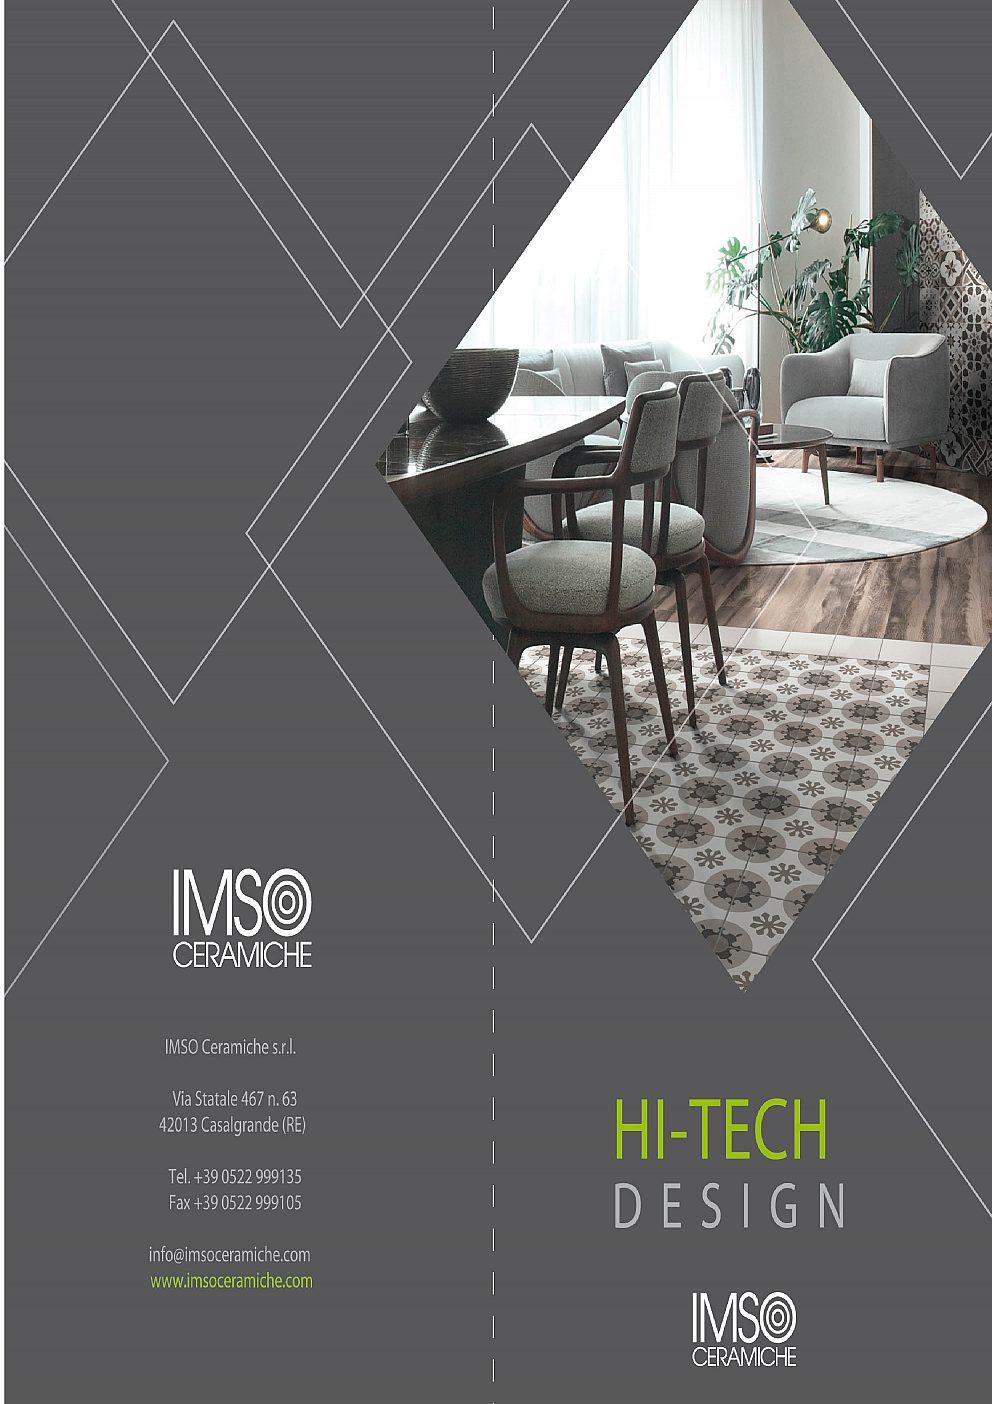 Imso - Séria Hi-Tech